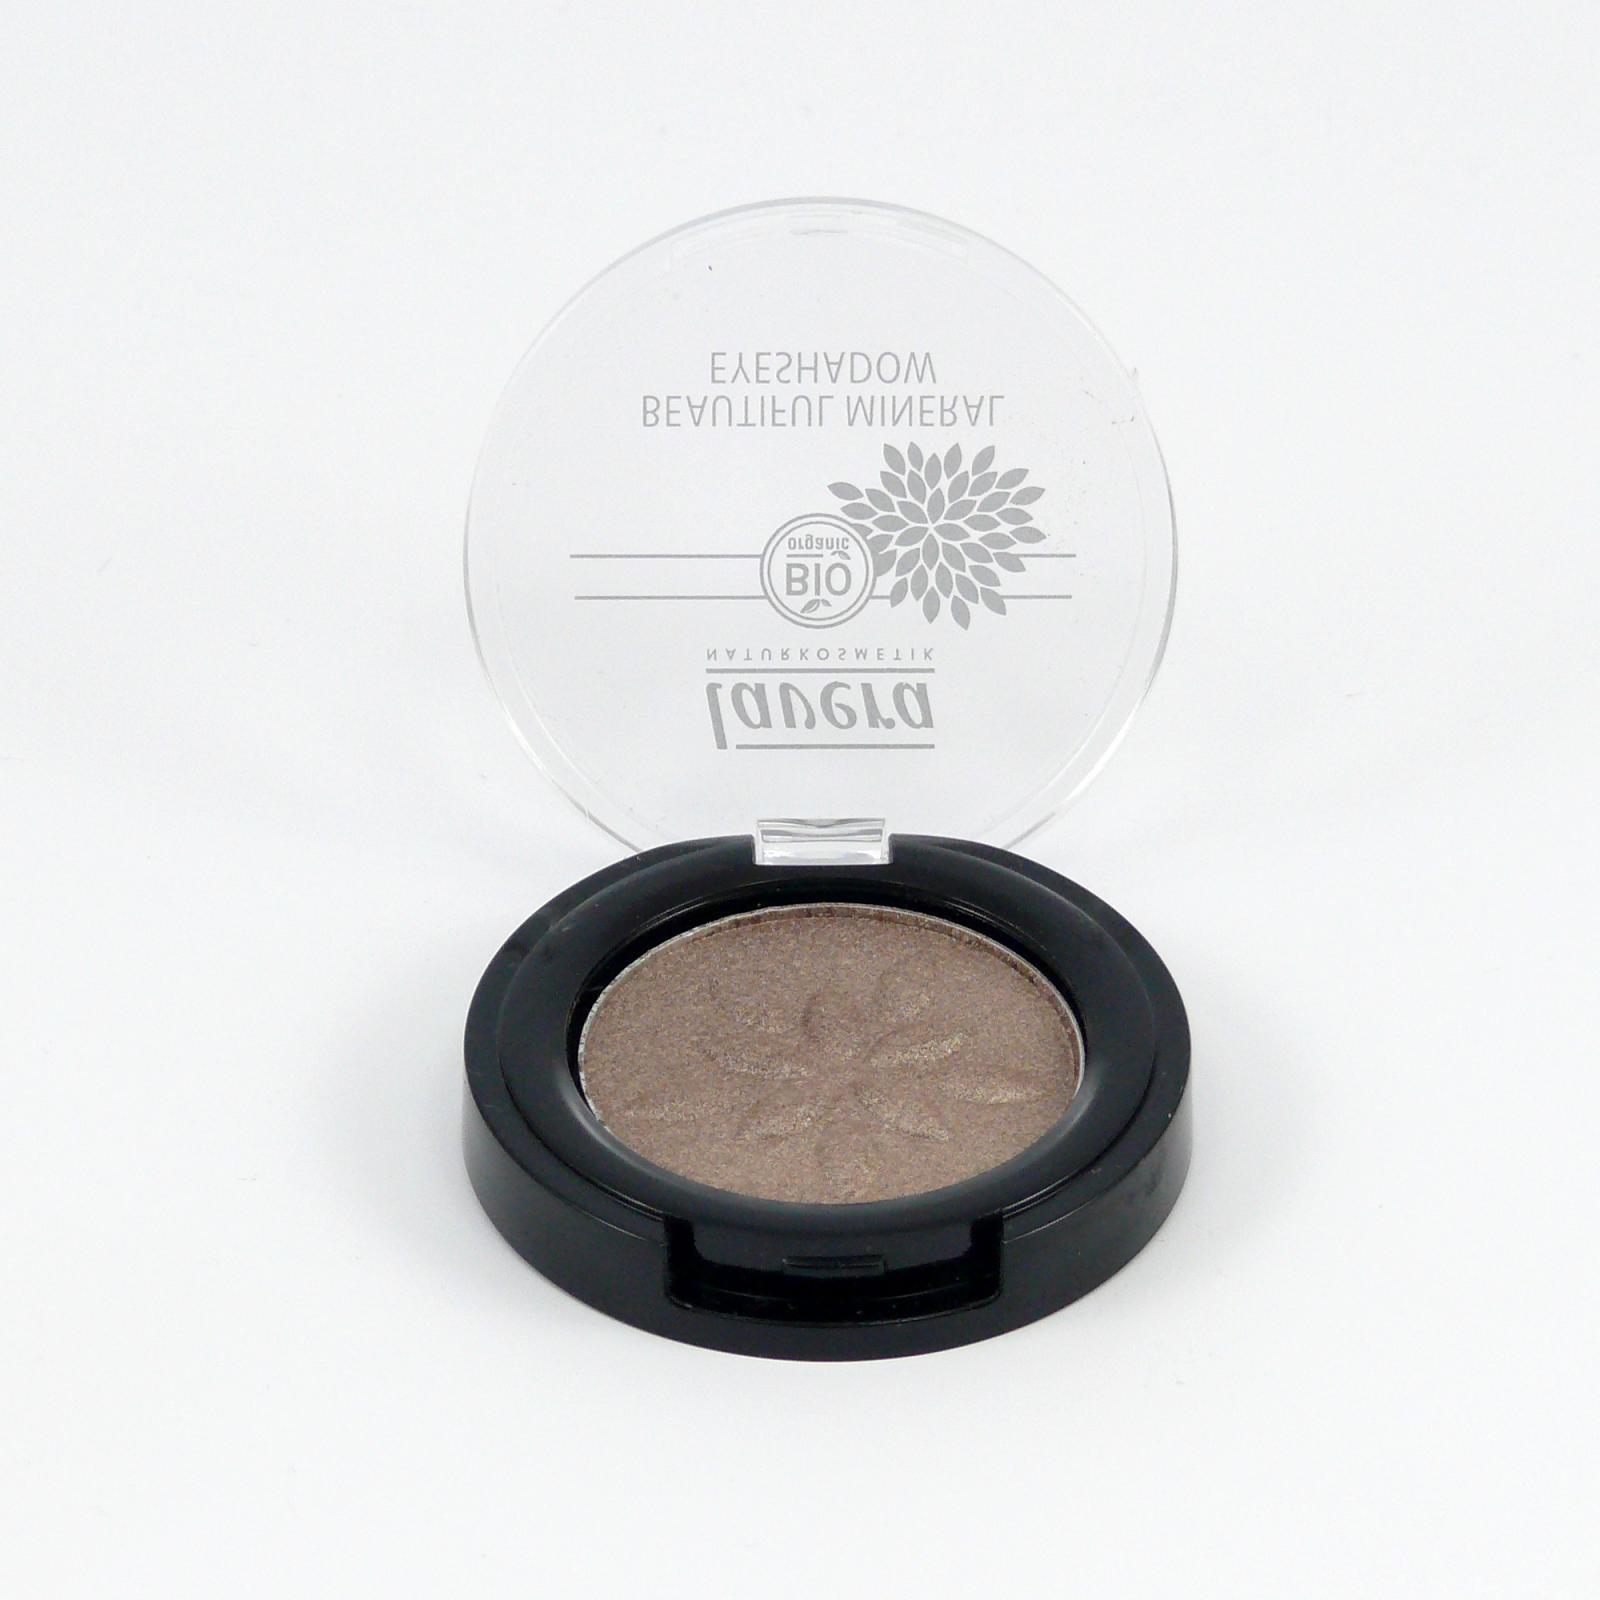 Lavera Oční stíny MONO 04 třpytivá šedohnědá, Trend Sensitive 2014 2 g